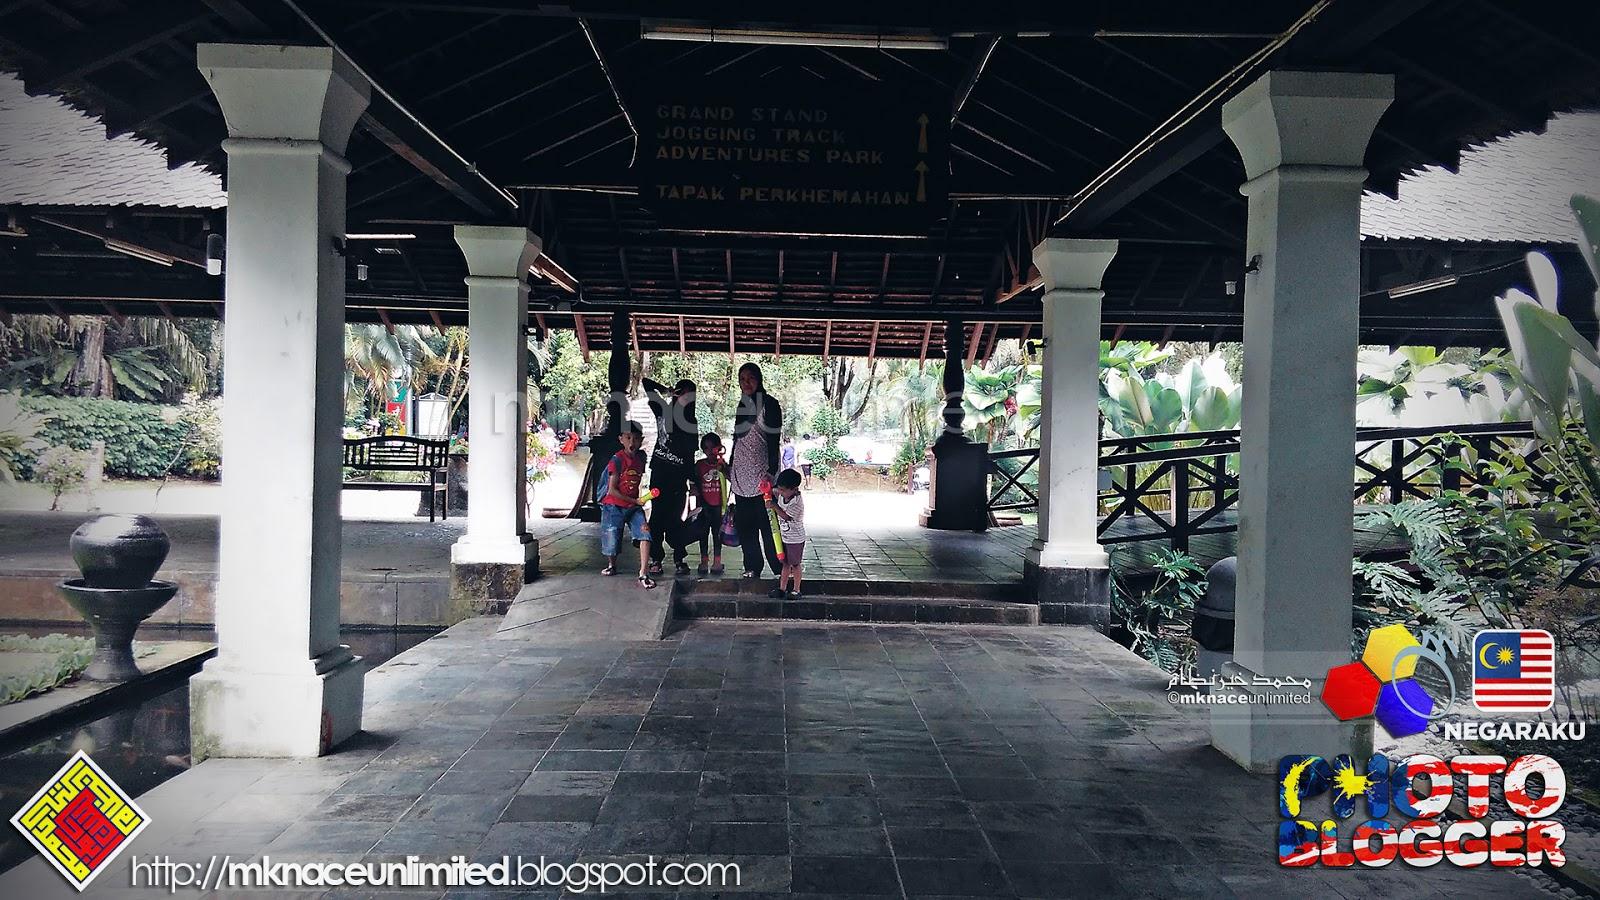 Yok Jenjalan Kolam Rekreasi Air Hutan Bandar Mbjb Mknace Bendera Merah Putih Plastik Flag Palstik Masuk